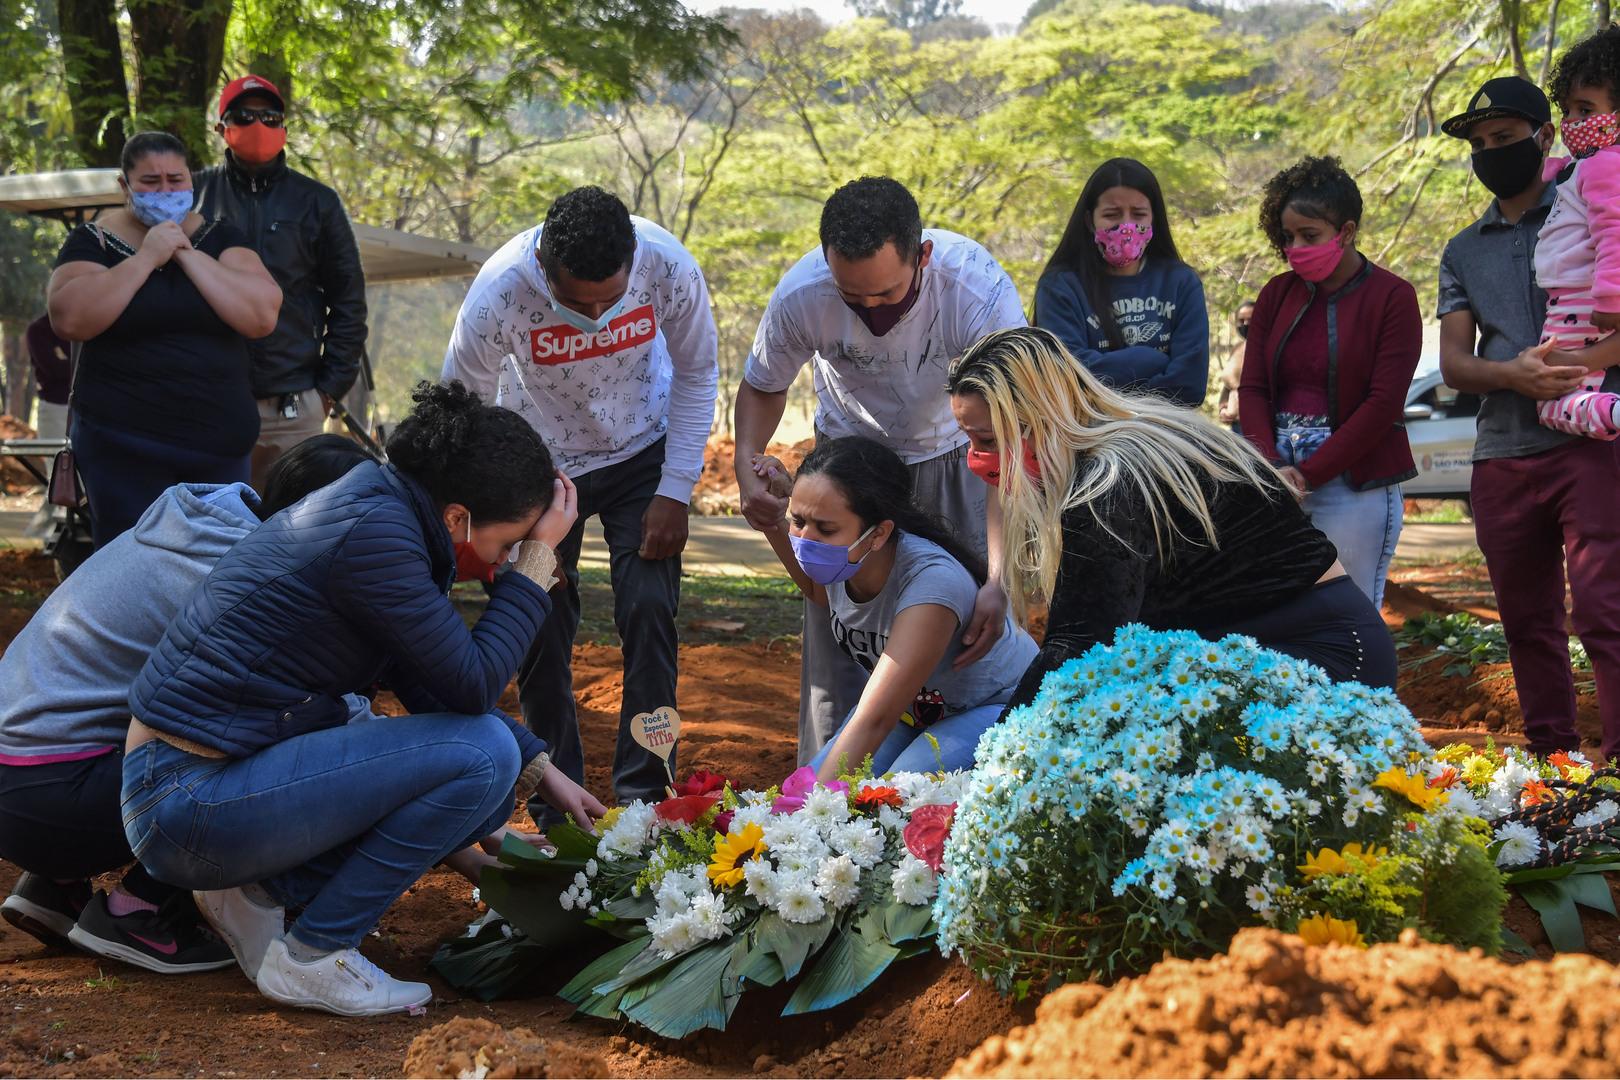 البرازيل.. حصيلة ضحايا كورونا تقترب من 100 ألف شخص